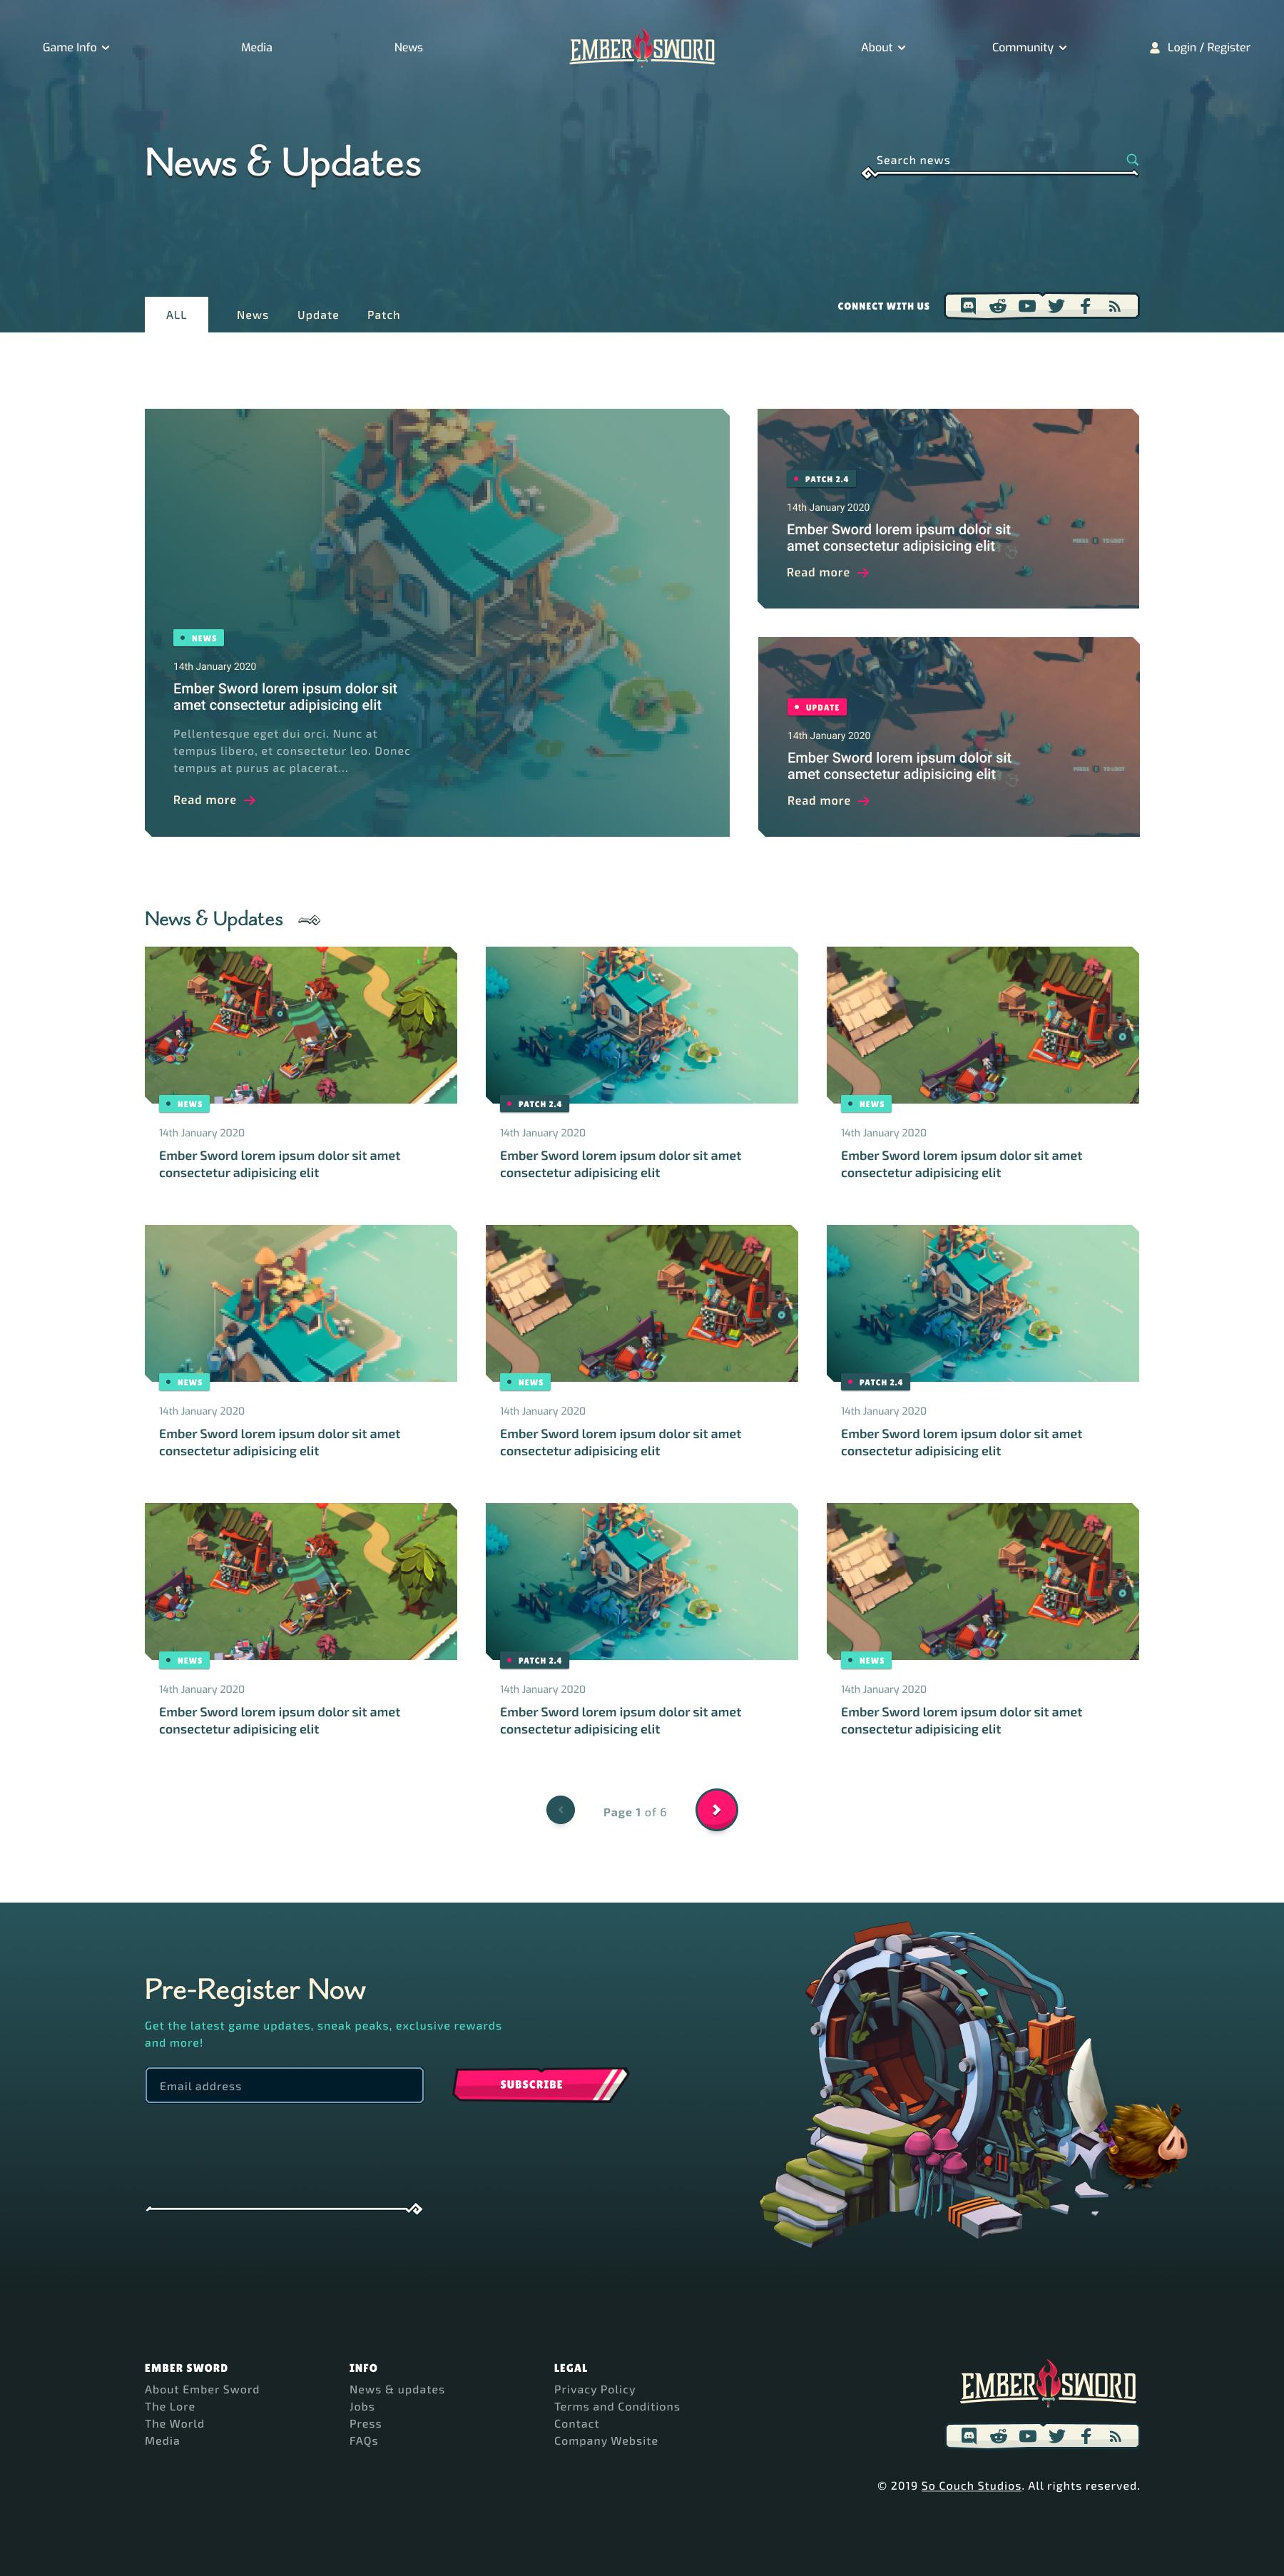 Ember Sword - News index page design